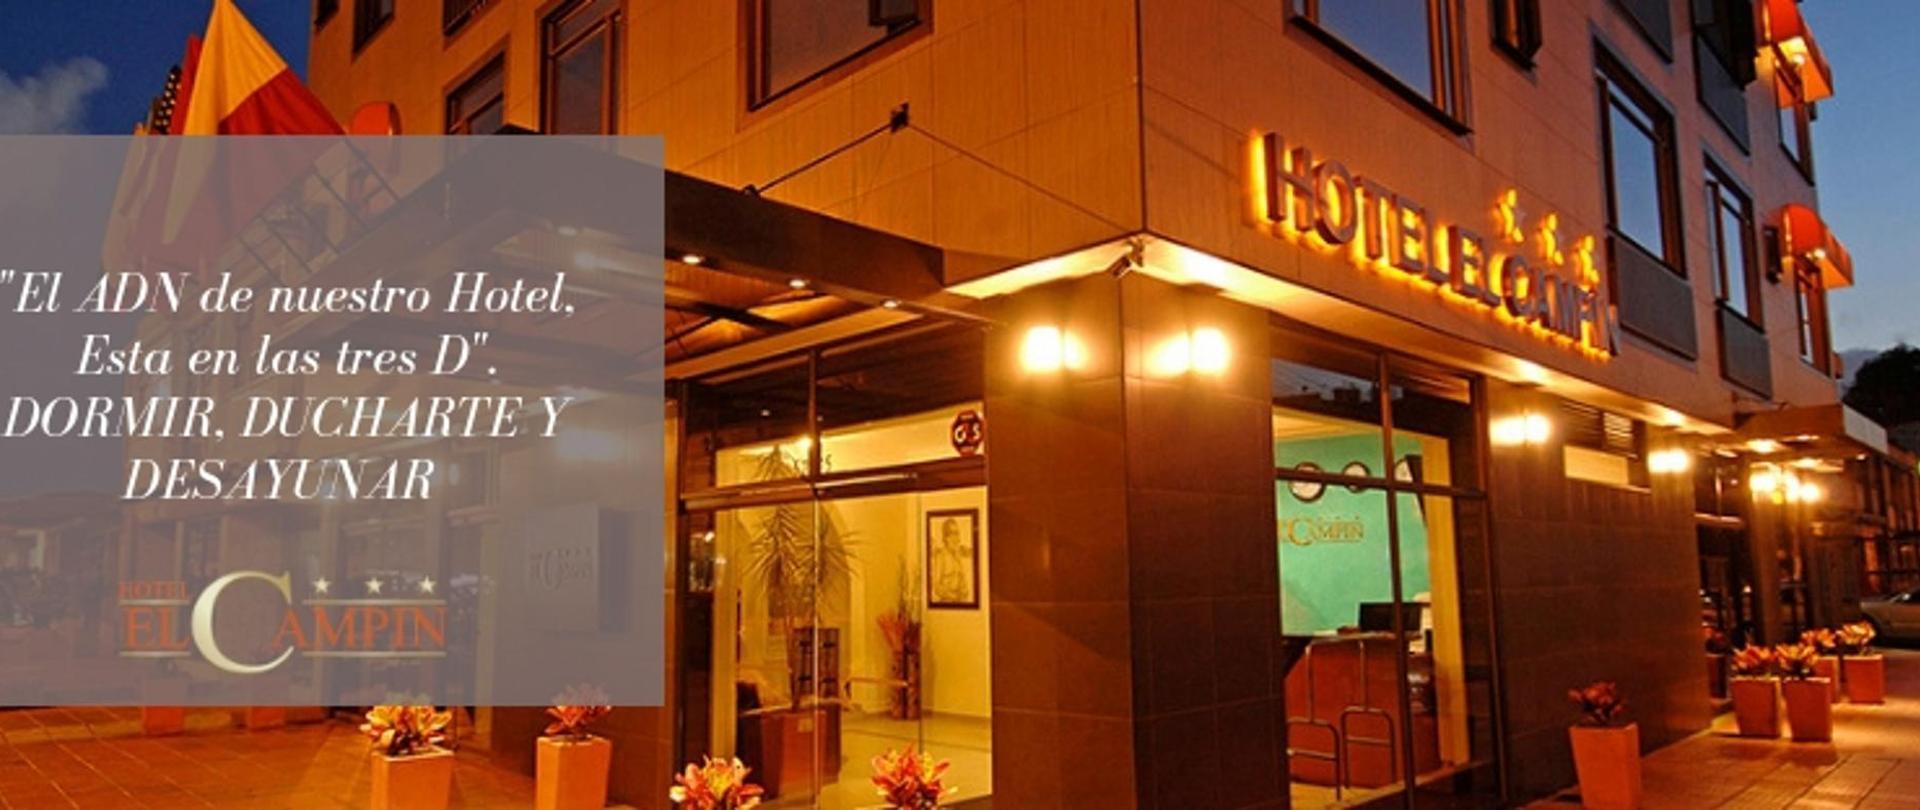 _El ADN DE NUESTRO HOTEL._.jpg